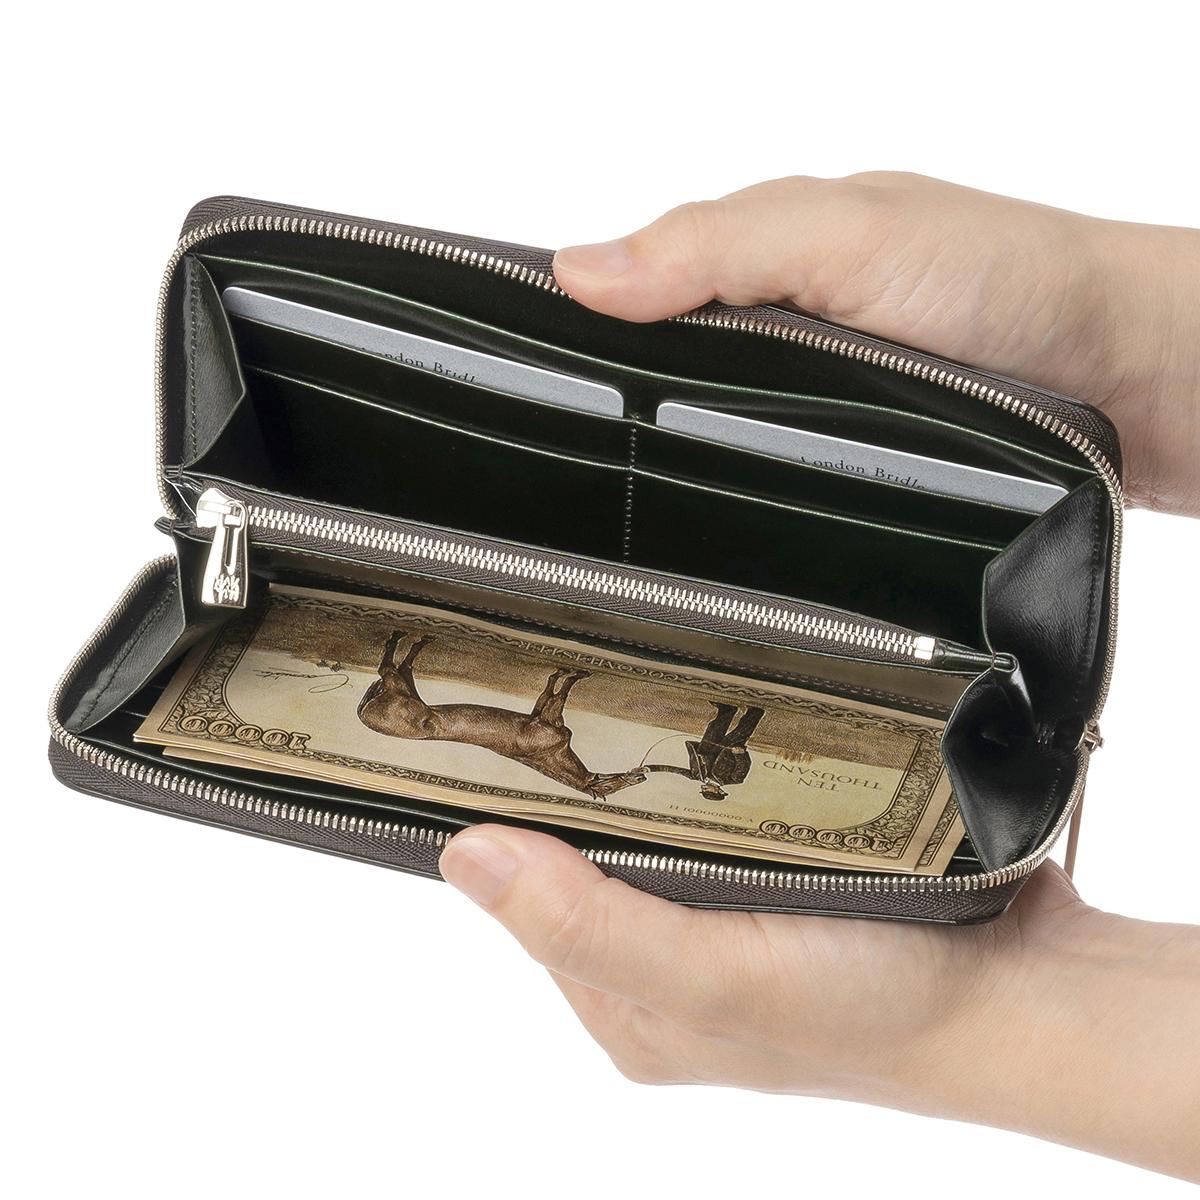 カヴァレオ・シンバのカードポケット